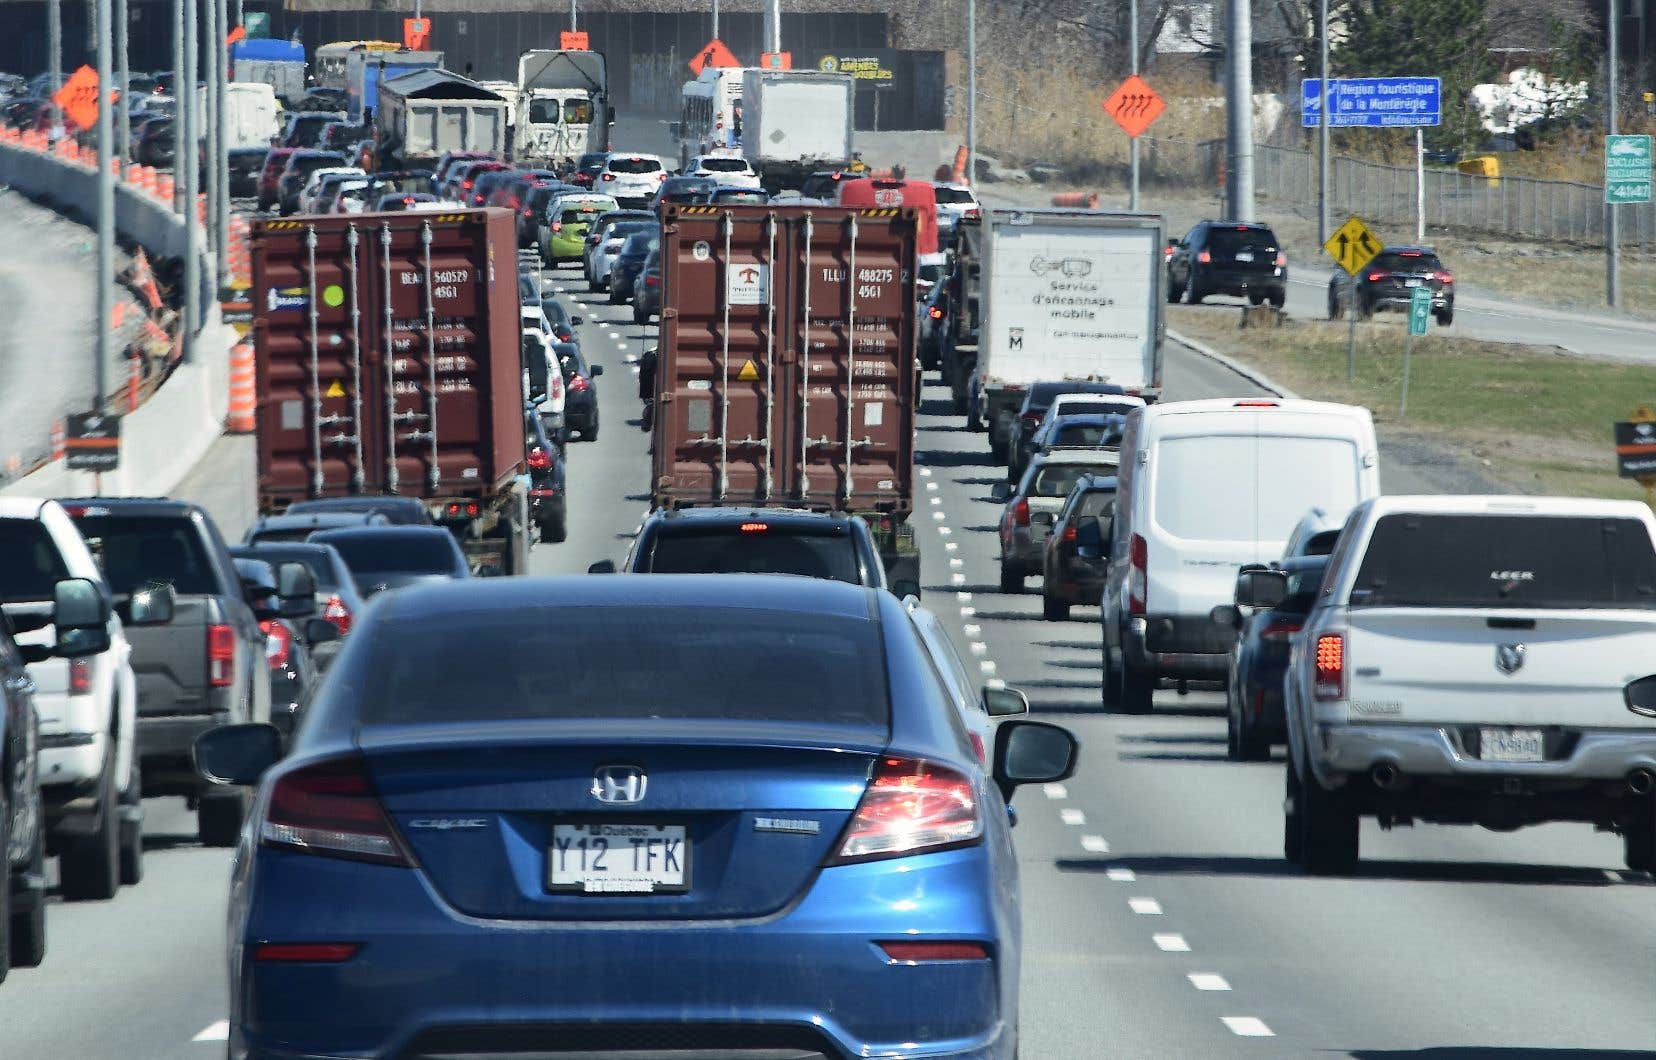 Les émissions de gaz à effet de serre du transport routier n'ont jamais cessé d'augmenter depuis 25 ans.